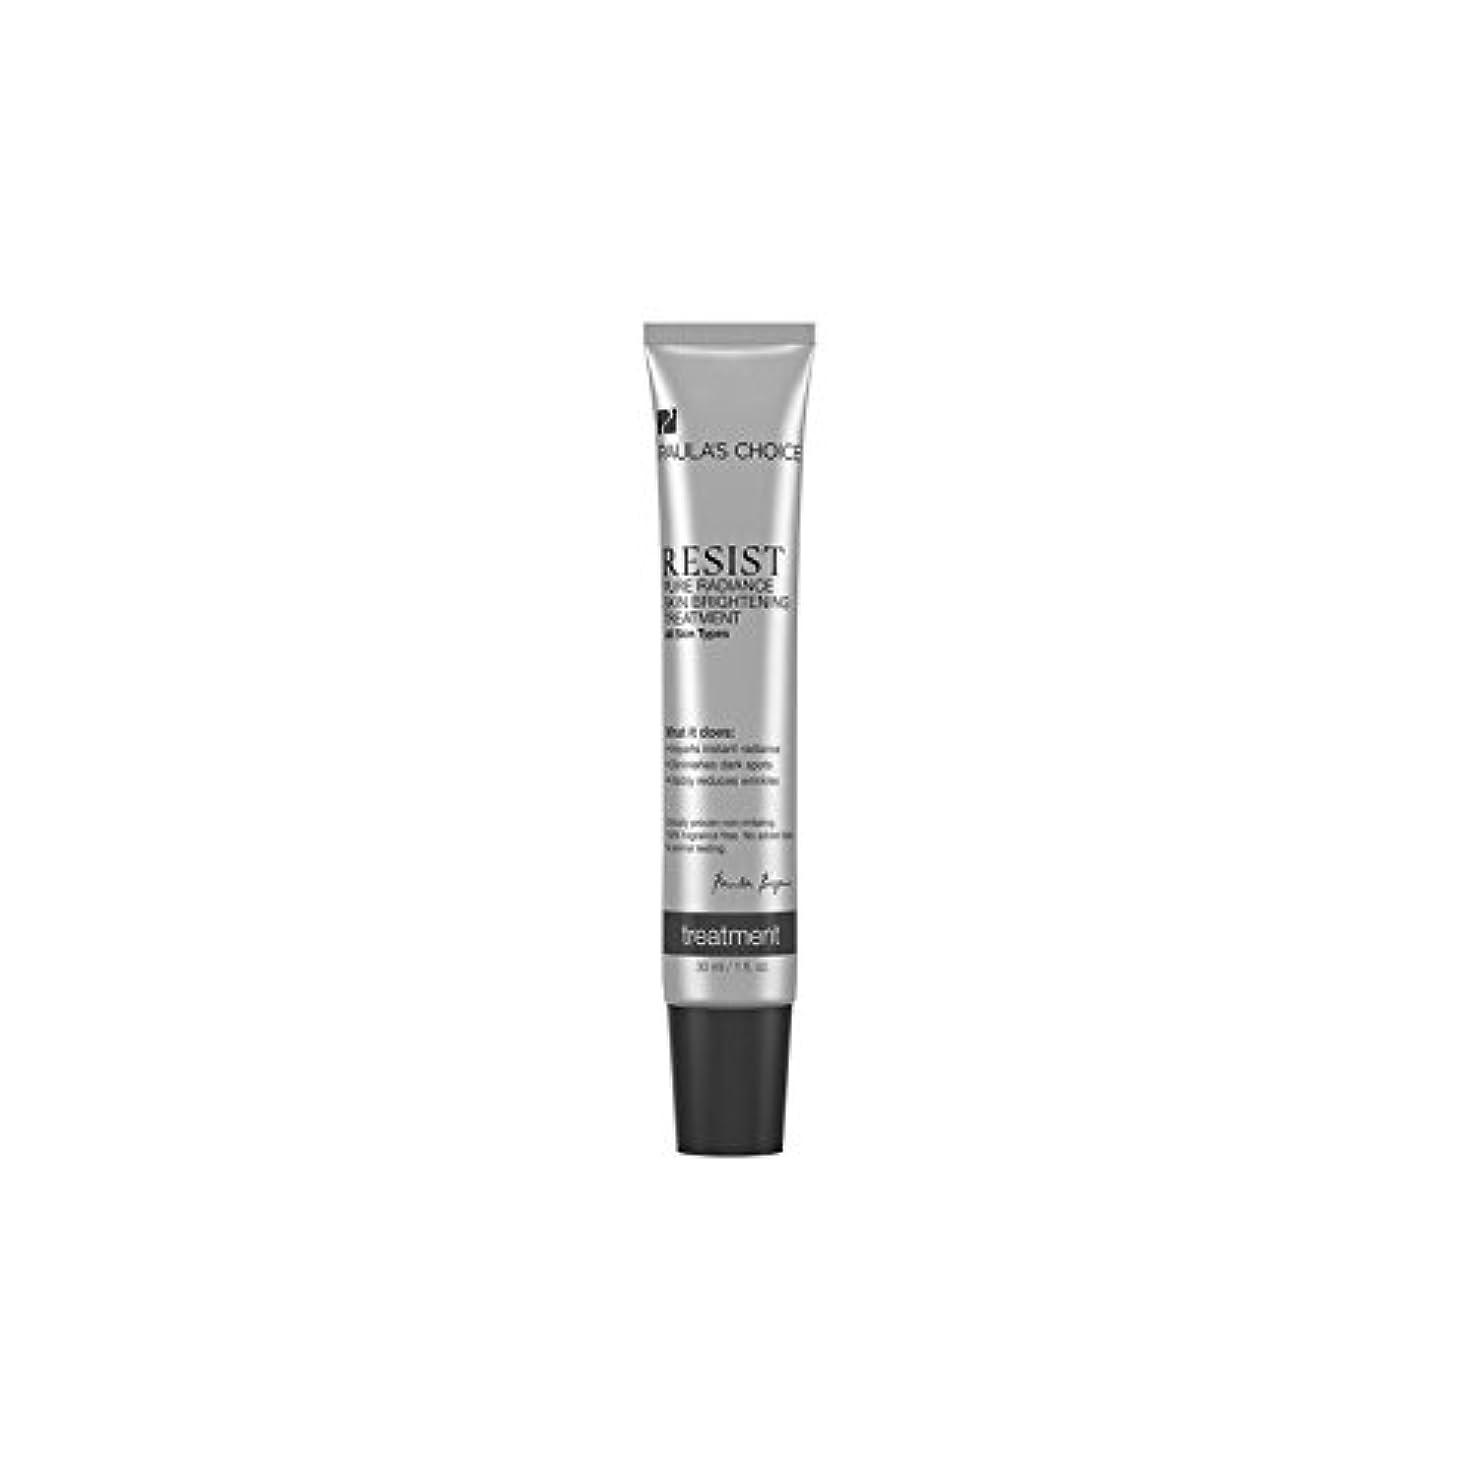 不幸高めるラダポーラチョイスは純粋な輝き肌ブライトニングトリートメント(30ミリリットル)を抵抗します x2 - Paula's Choice Resist Pure Radiance Skin Brightening Treatment (30ml) (Pack of 2) [並行輸入品]